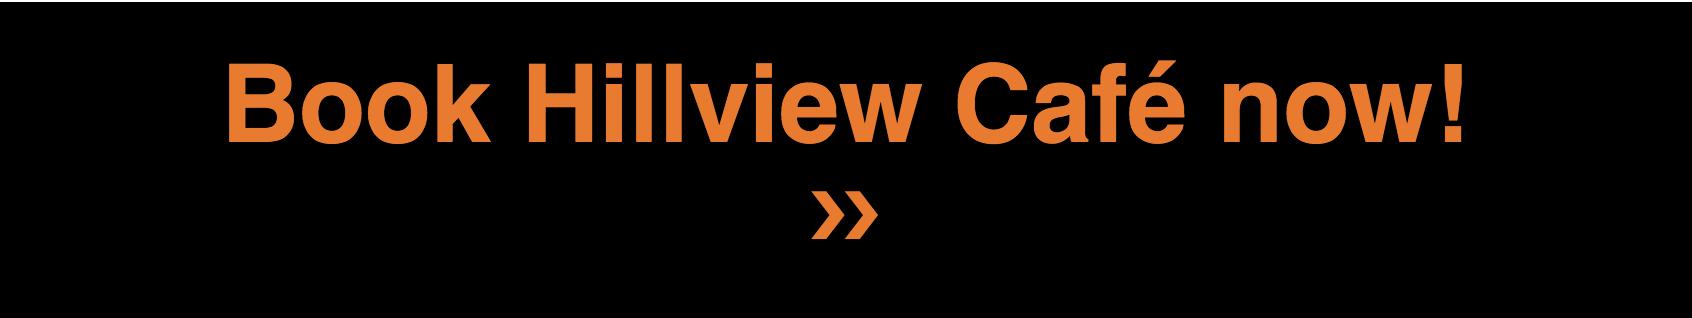 Book Hillview Cafe Stanford Hillview Hotel 山景閣 - 仕德福山景酒店 - OKiBook Hong Kong Restaurant Buffet Booking 自助餐預訂香